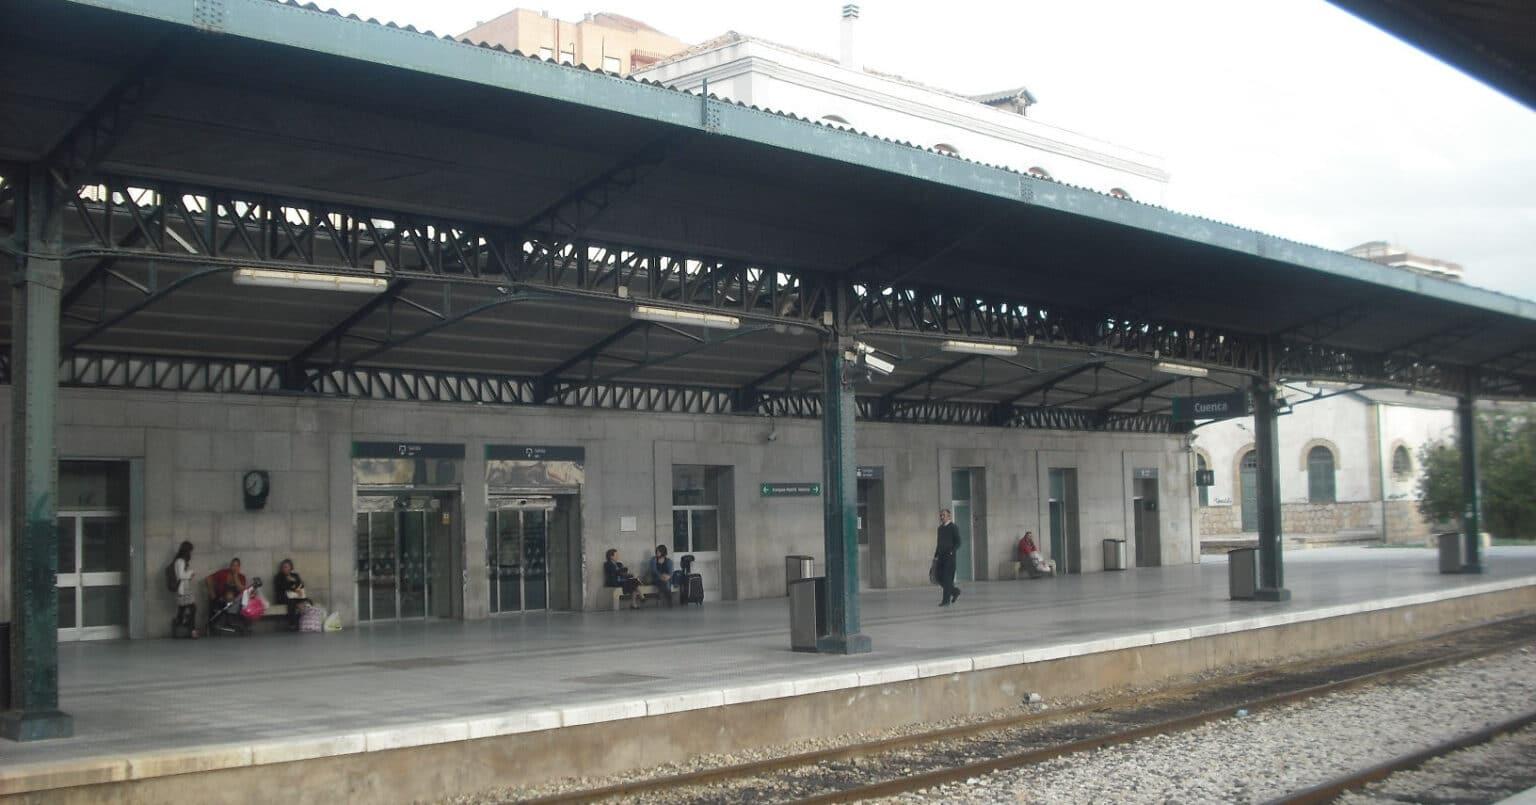 Andenes de la estación del ferrocarril convencional en Cuenca. ENRIQUE ÍÑIGUEZ RODRÍGUEZ.